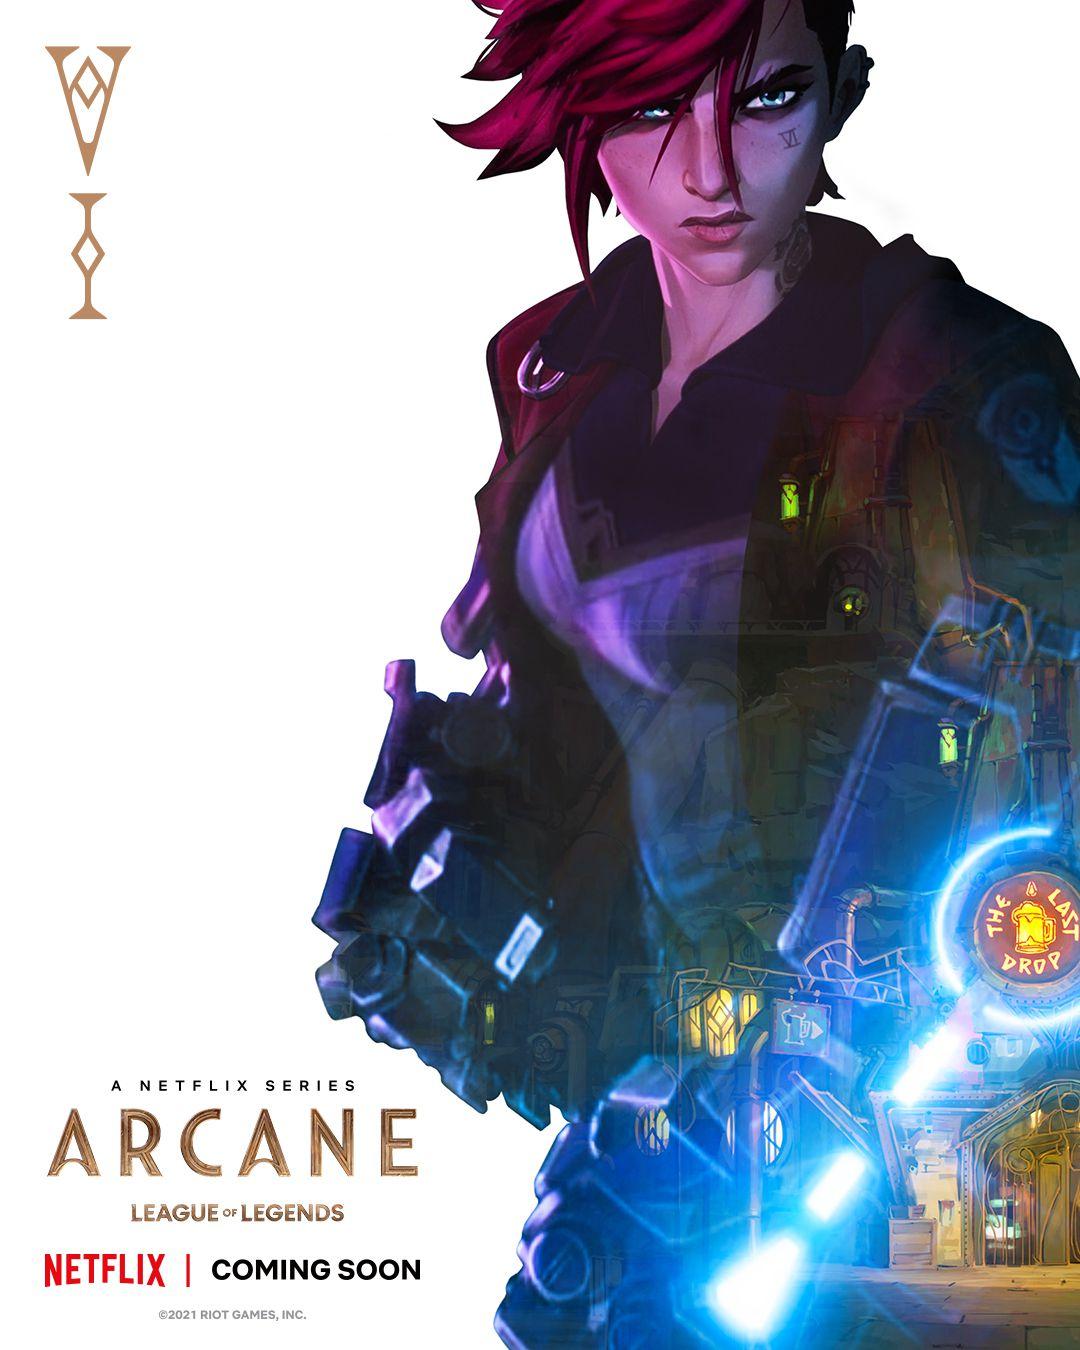 Vi poster for Arcane